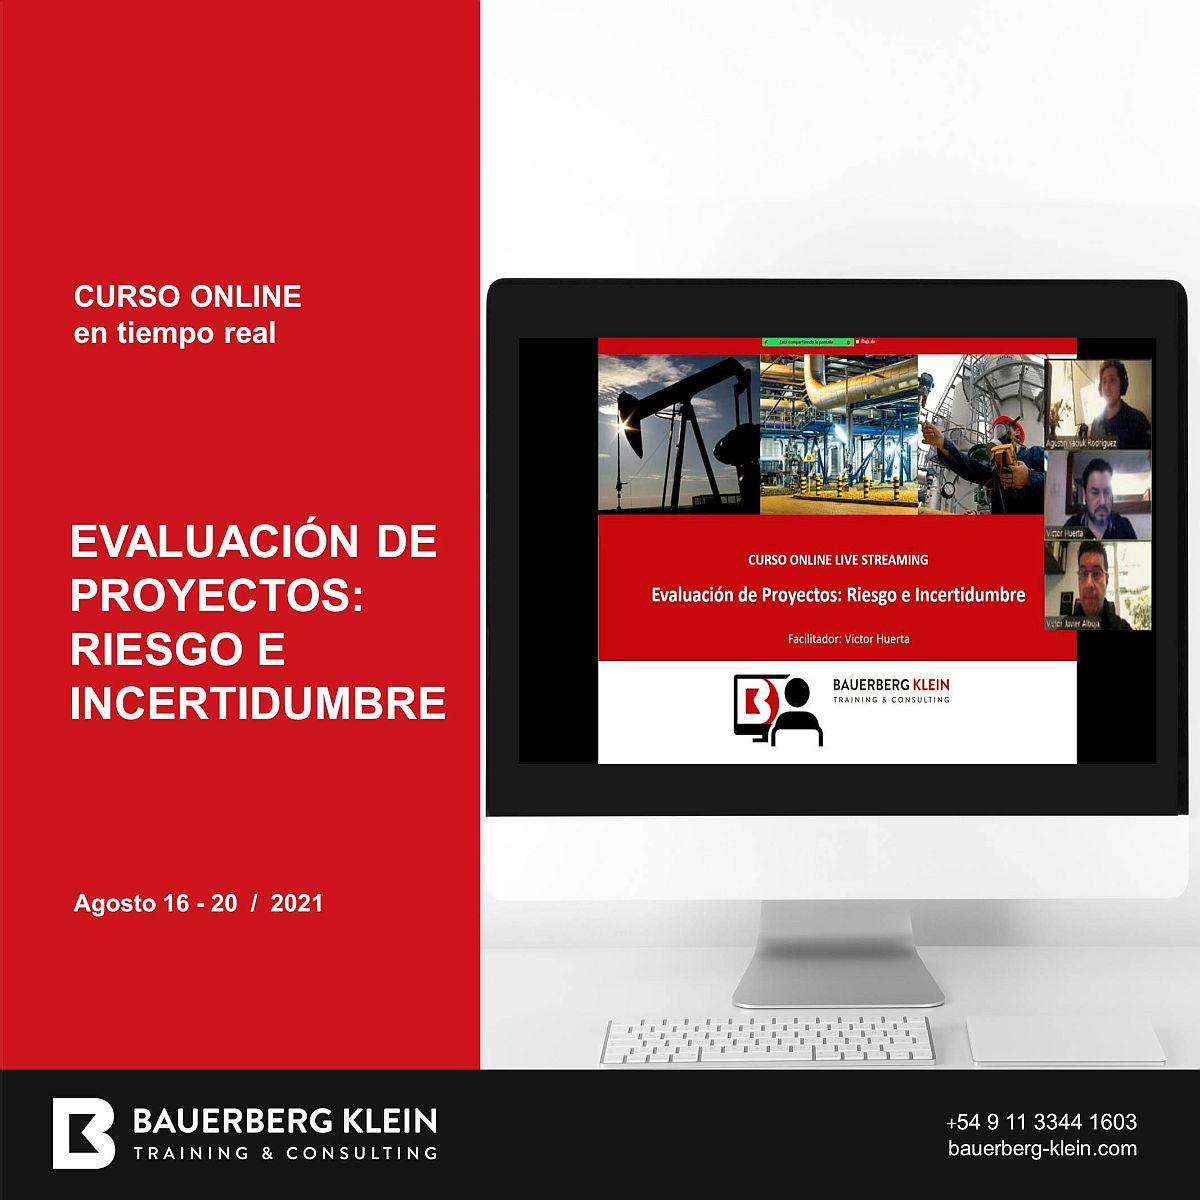 Evaluación de Proyectos: Riesgo e Incertidumbre